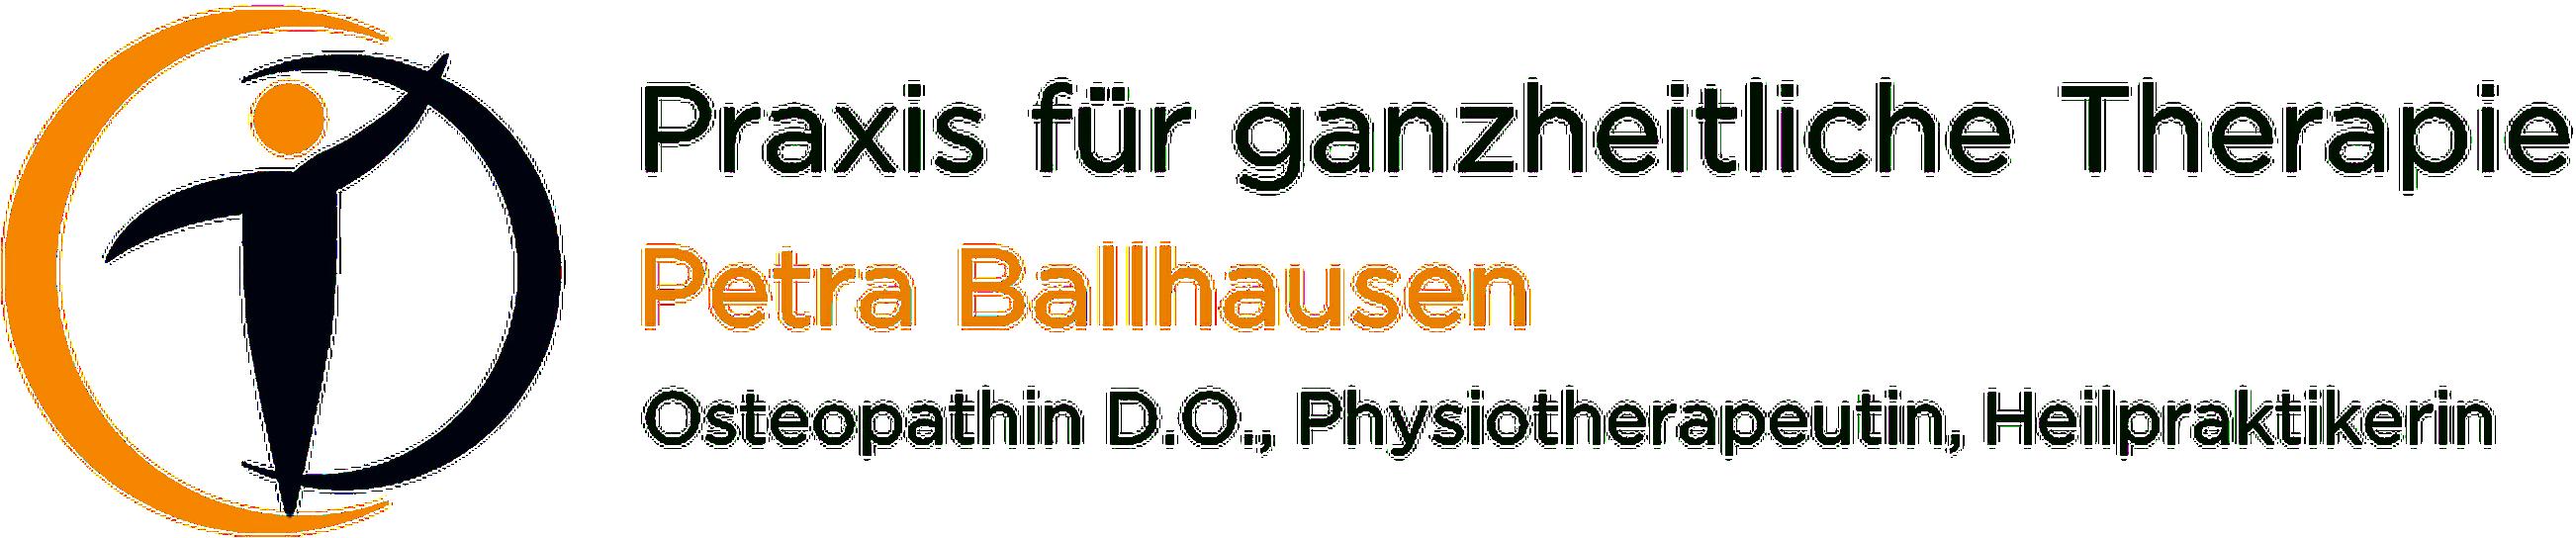 Petra Ballhausen - Praxis fuer ganzheitliche Therapie